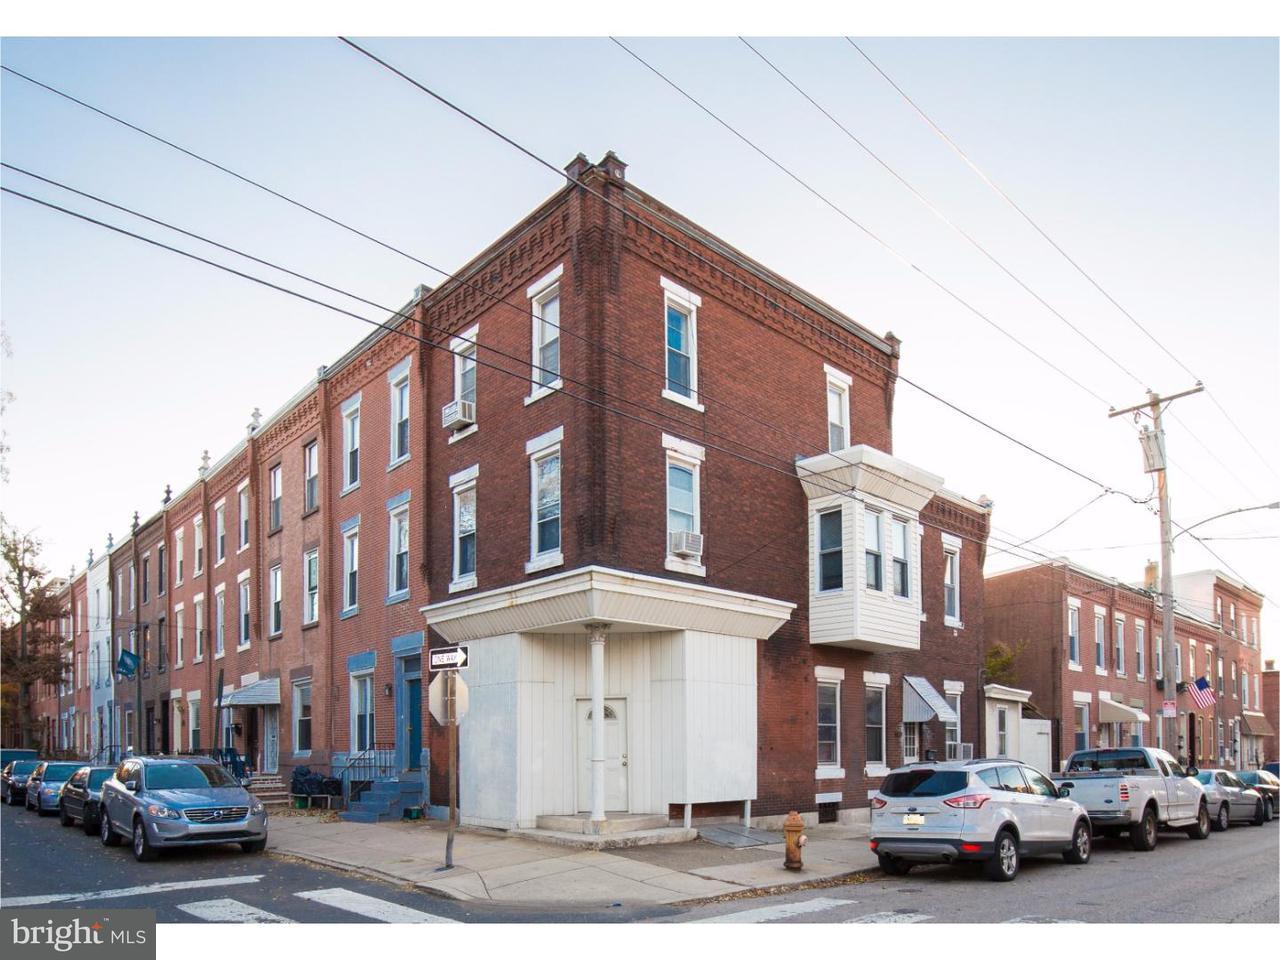 842 N 27TH Philadelphia , PA 19130